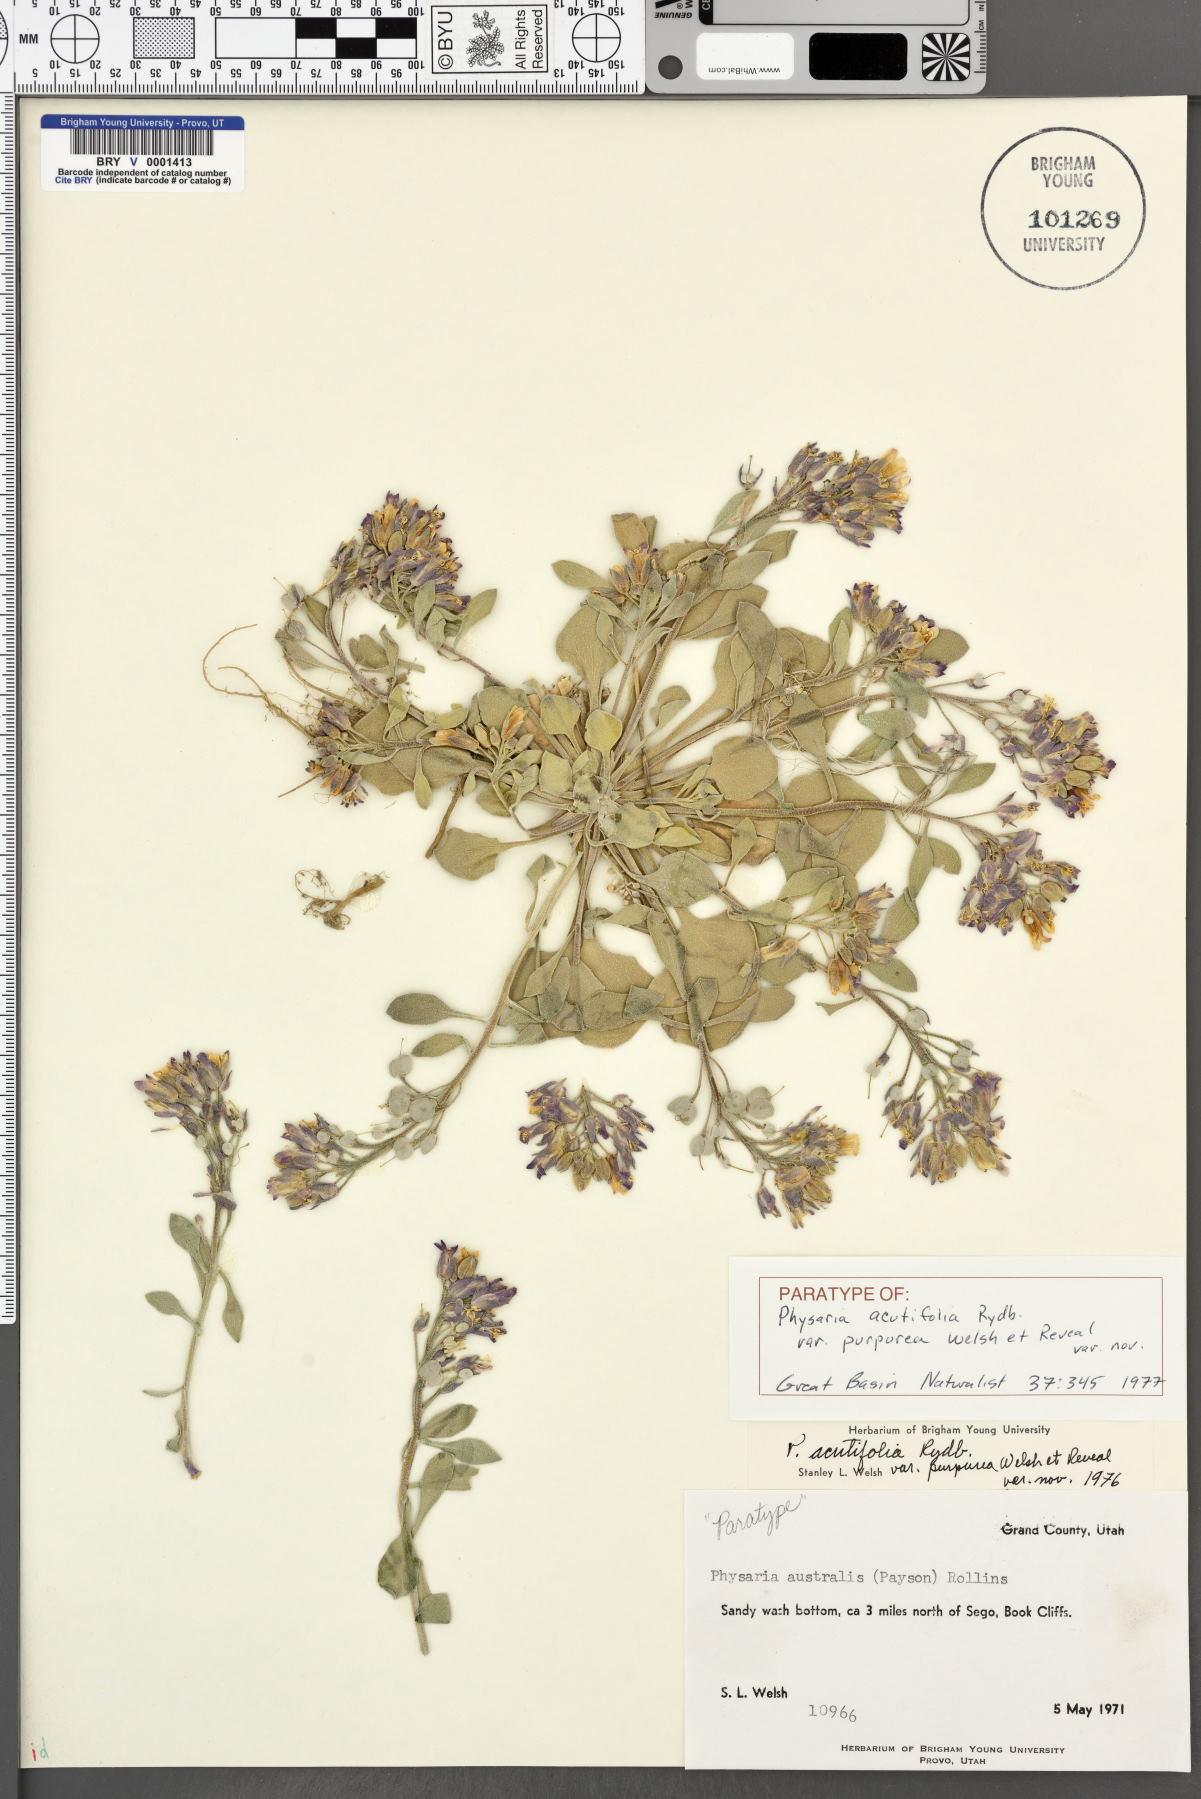 Physaria acutifolia var. purpurea image